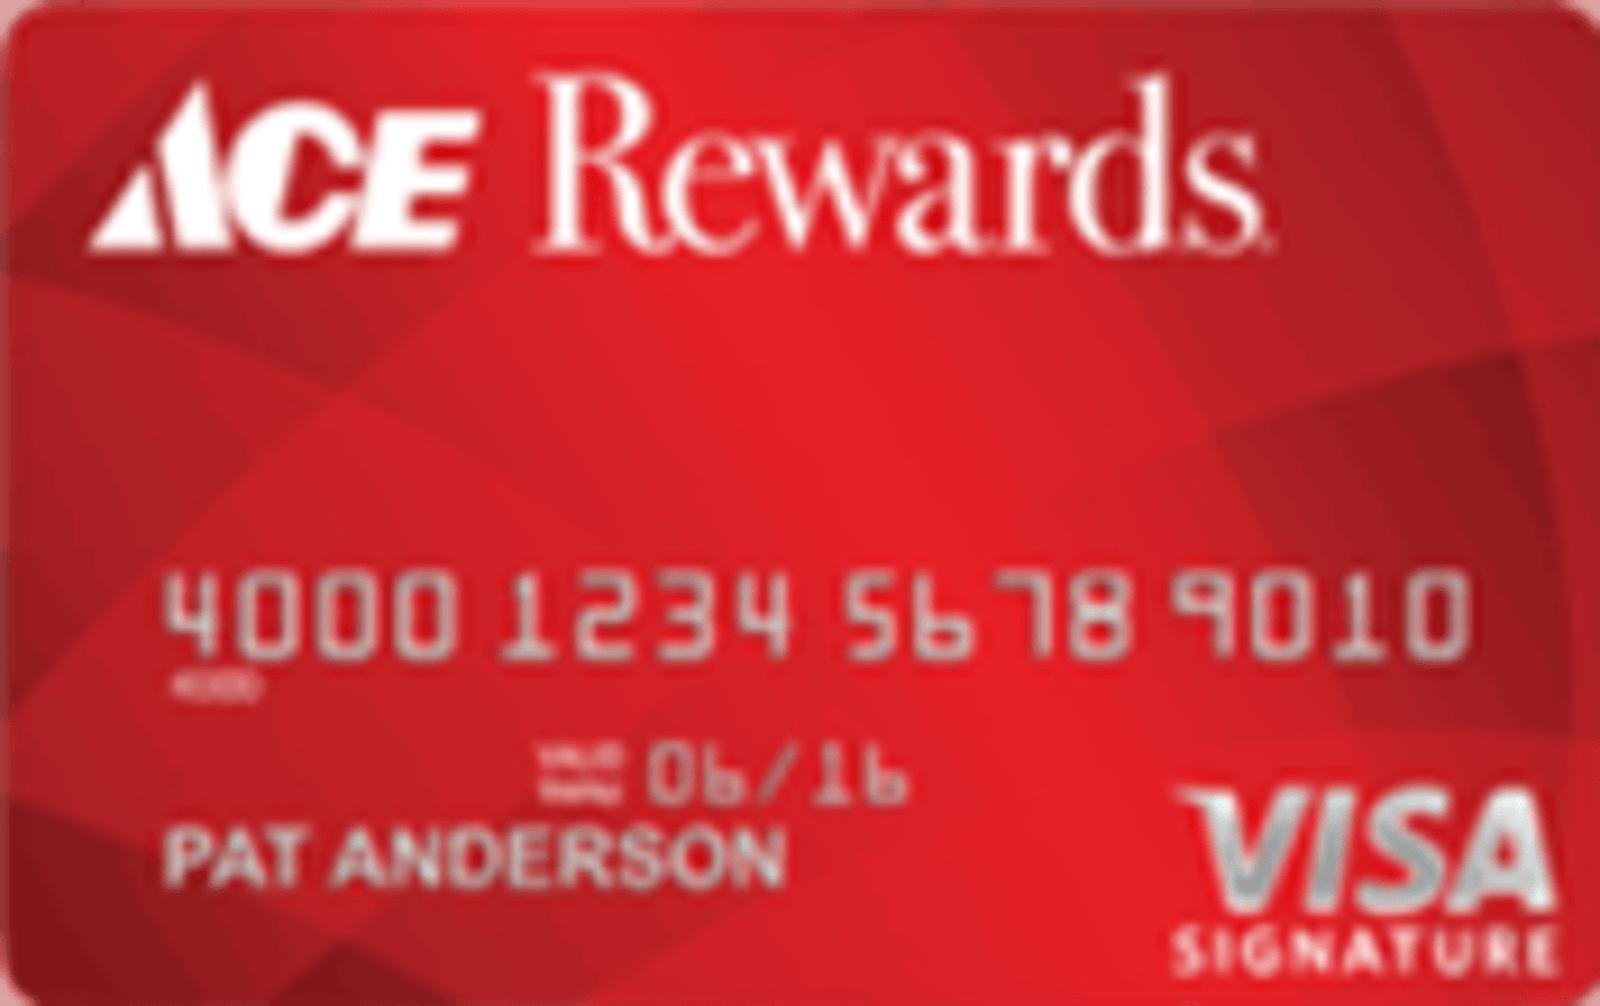 Ace Rewards Visa Credit Card: Should You Apply? | Credit